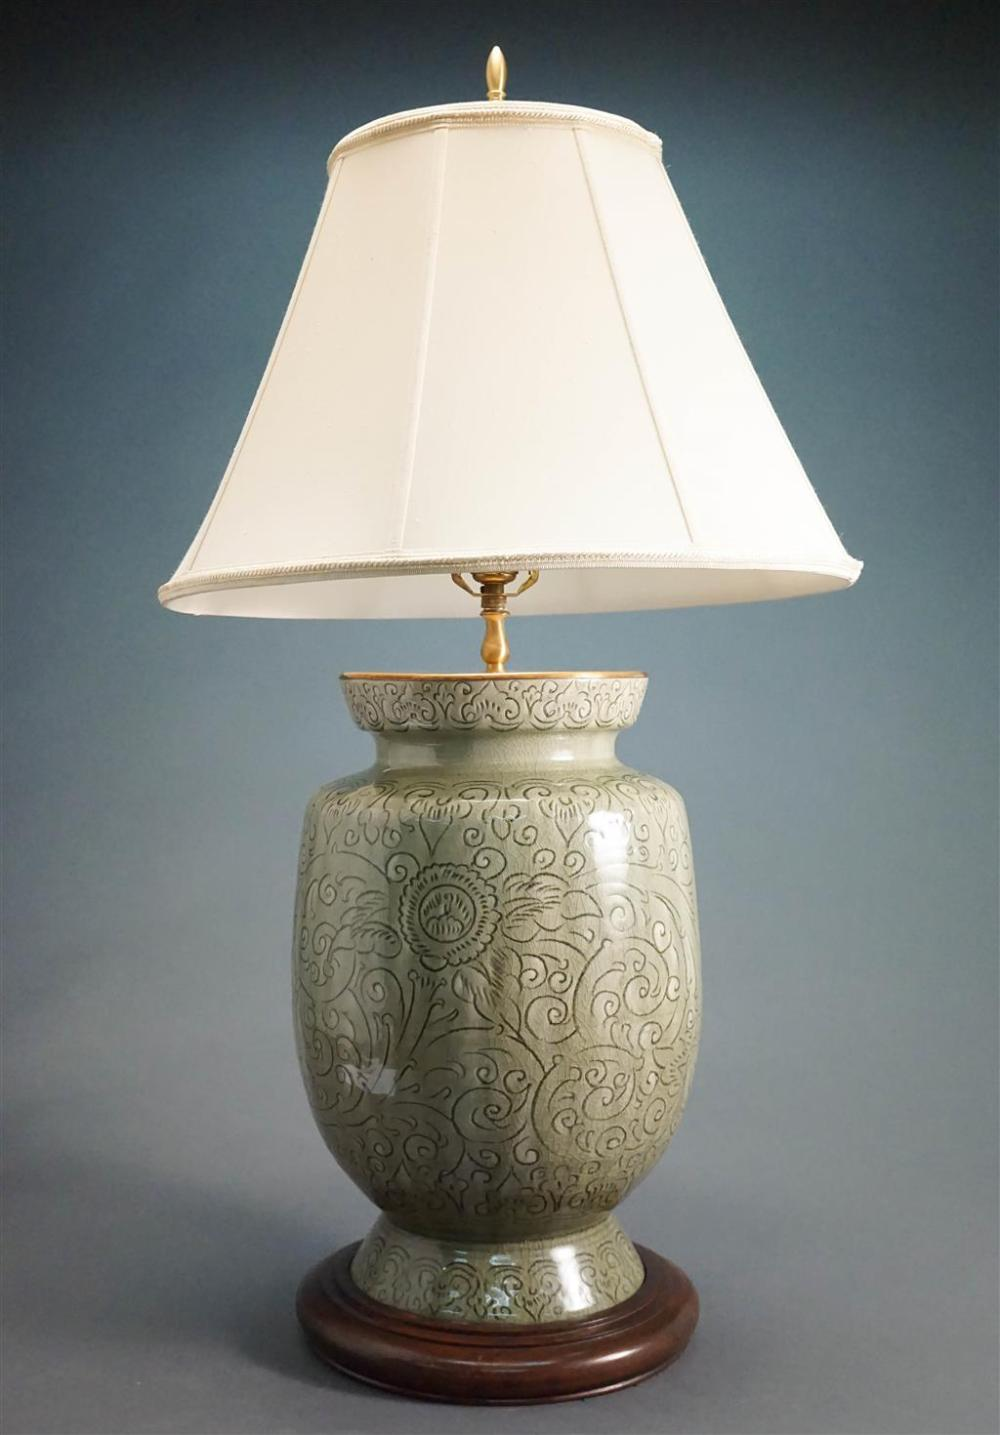 Thai Celadon Glazed Vase mounted as Lamp, H: 37 in